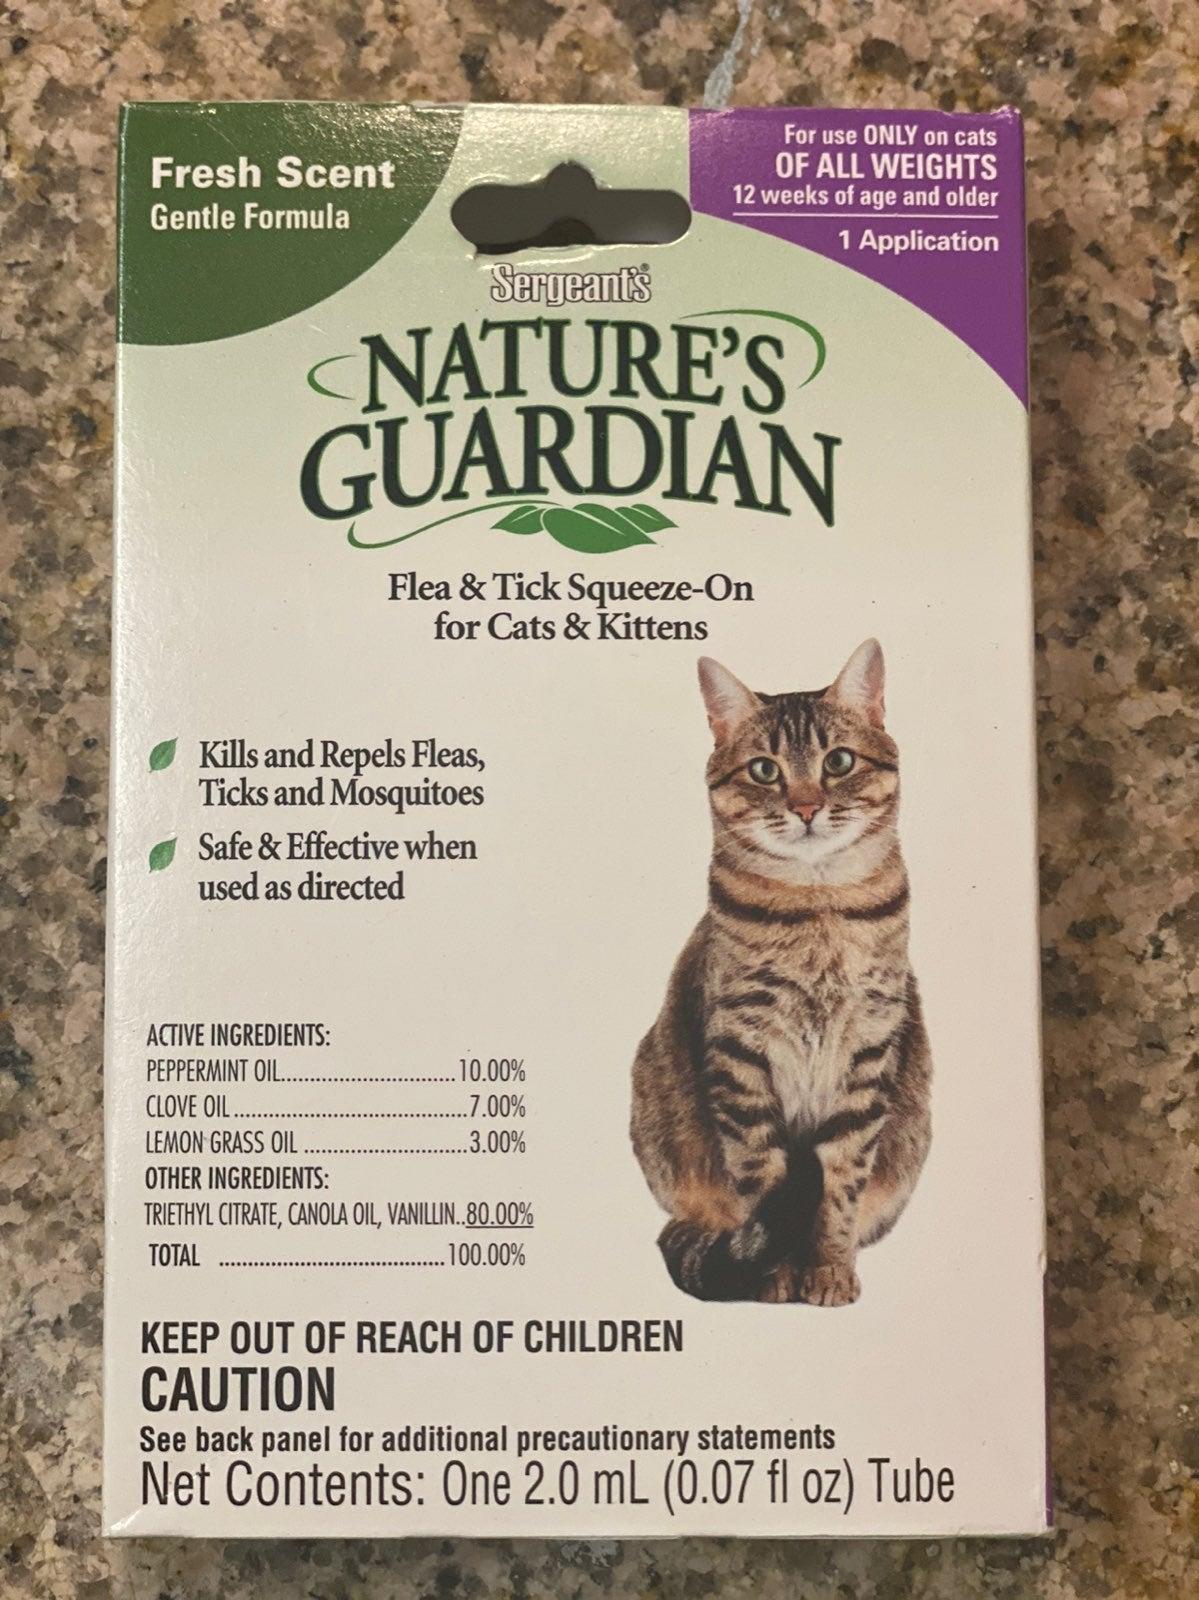 Cat Natural Flea & Tick Squeeze Cats 12